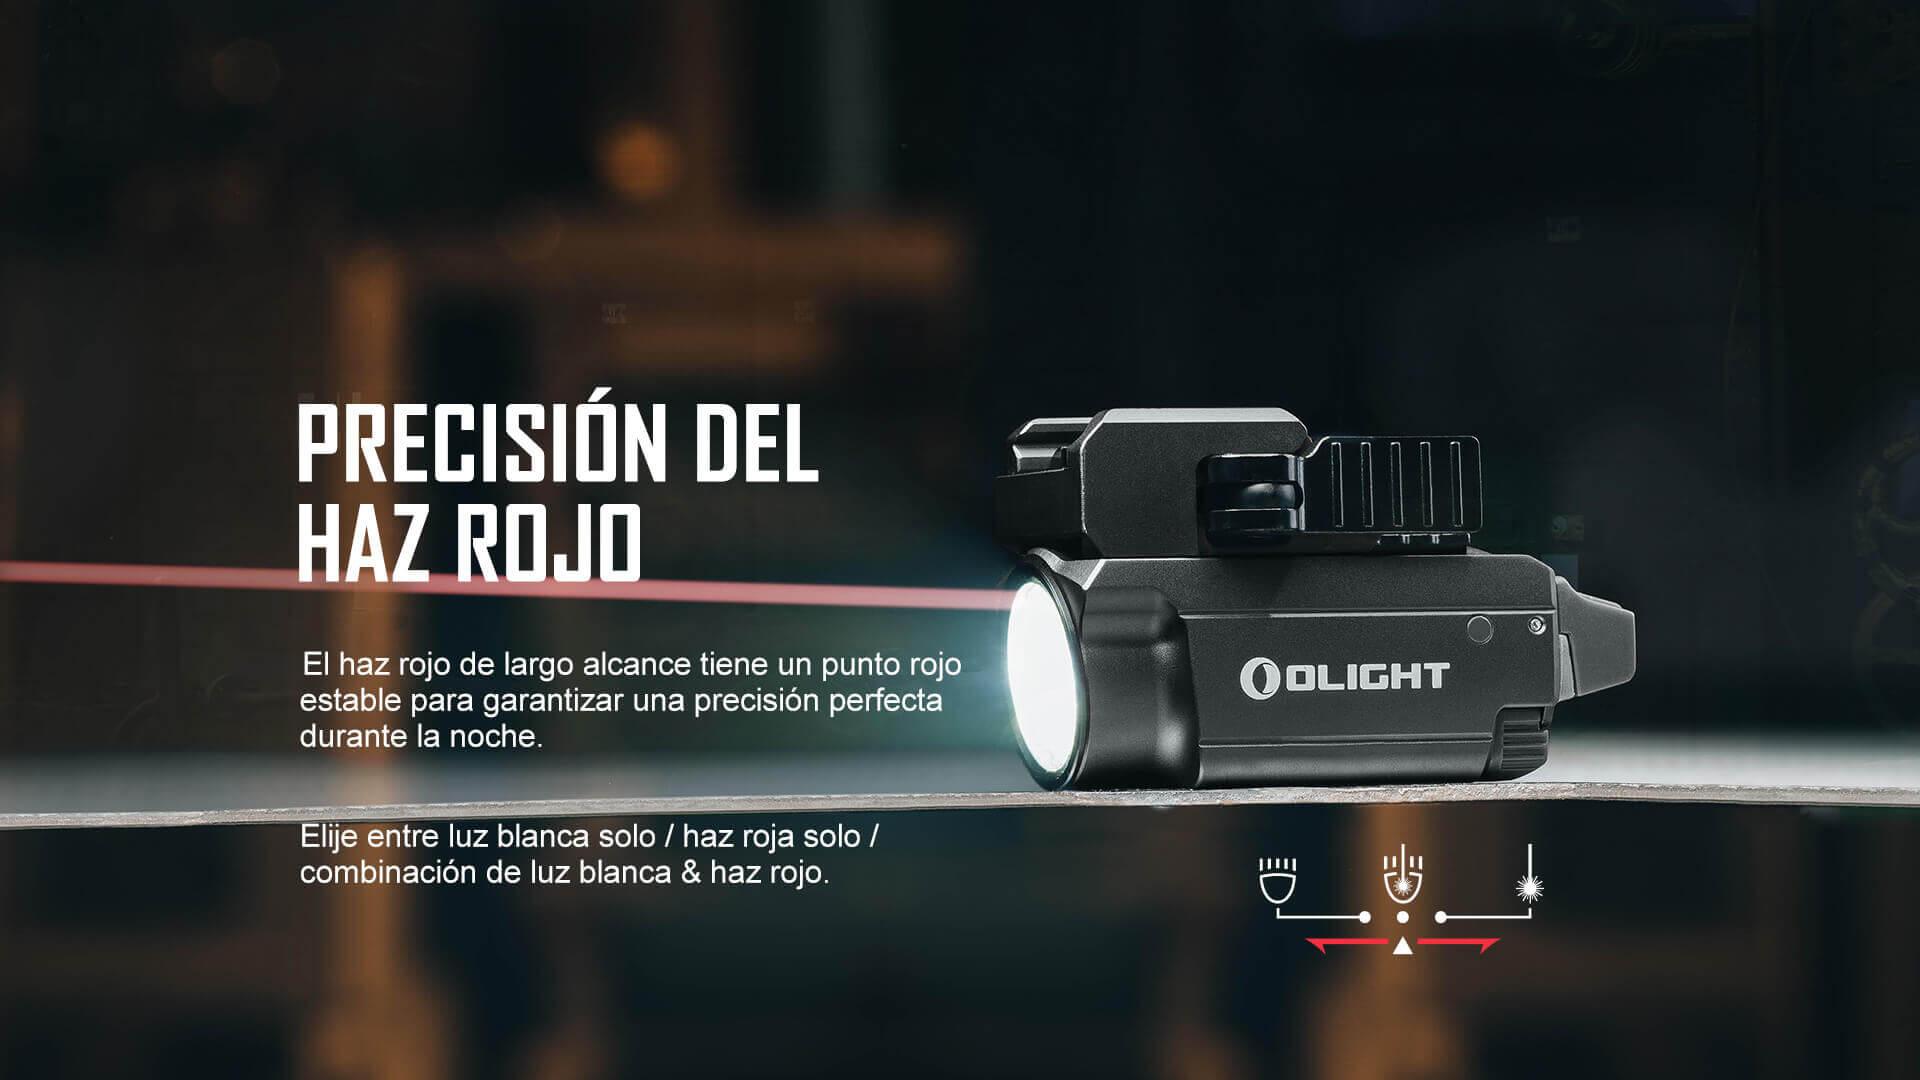 La linterna táctica Olight Baldr RL Mini cuenta con un haz rojo que aumenta la precisión durante la noche